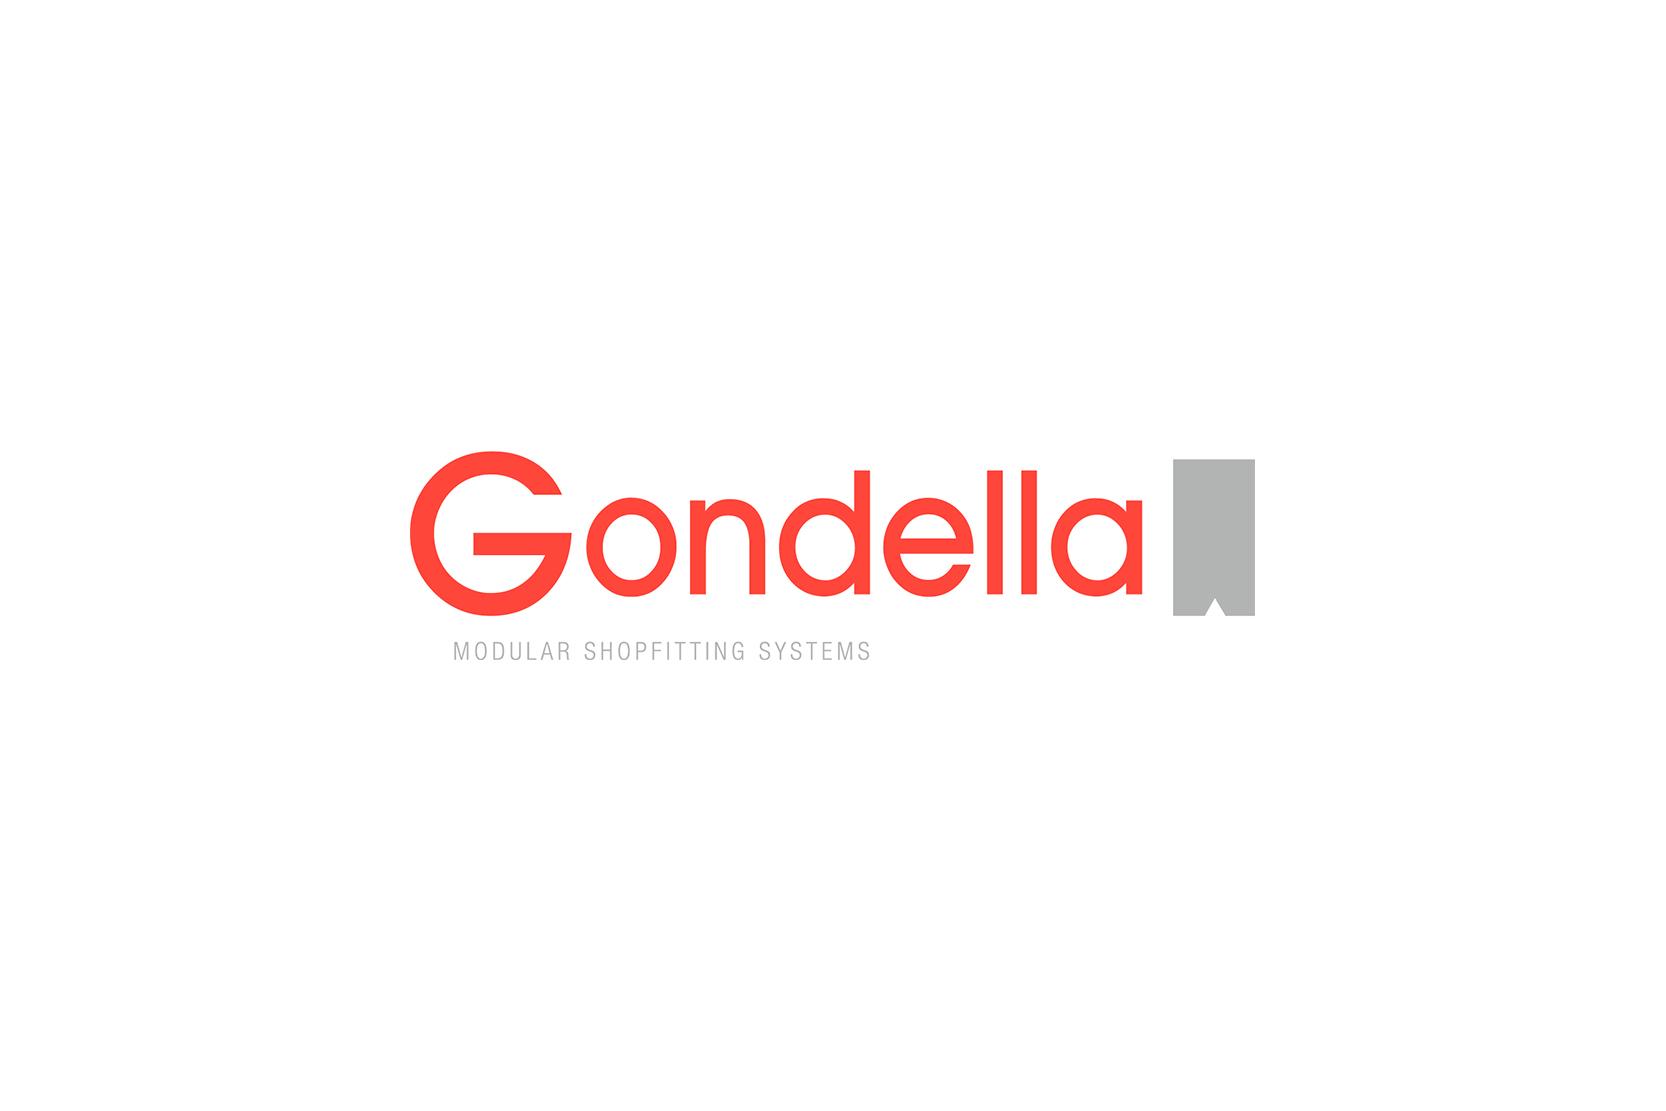 Gondella